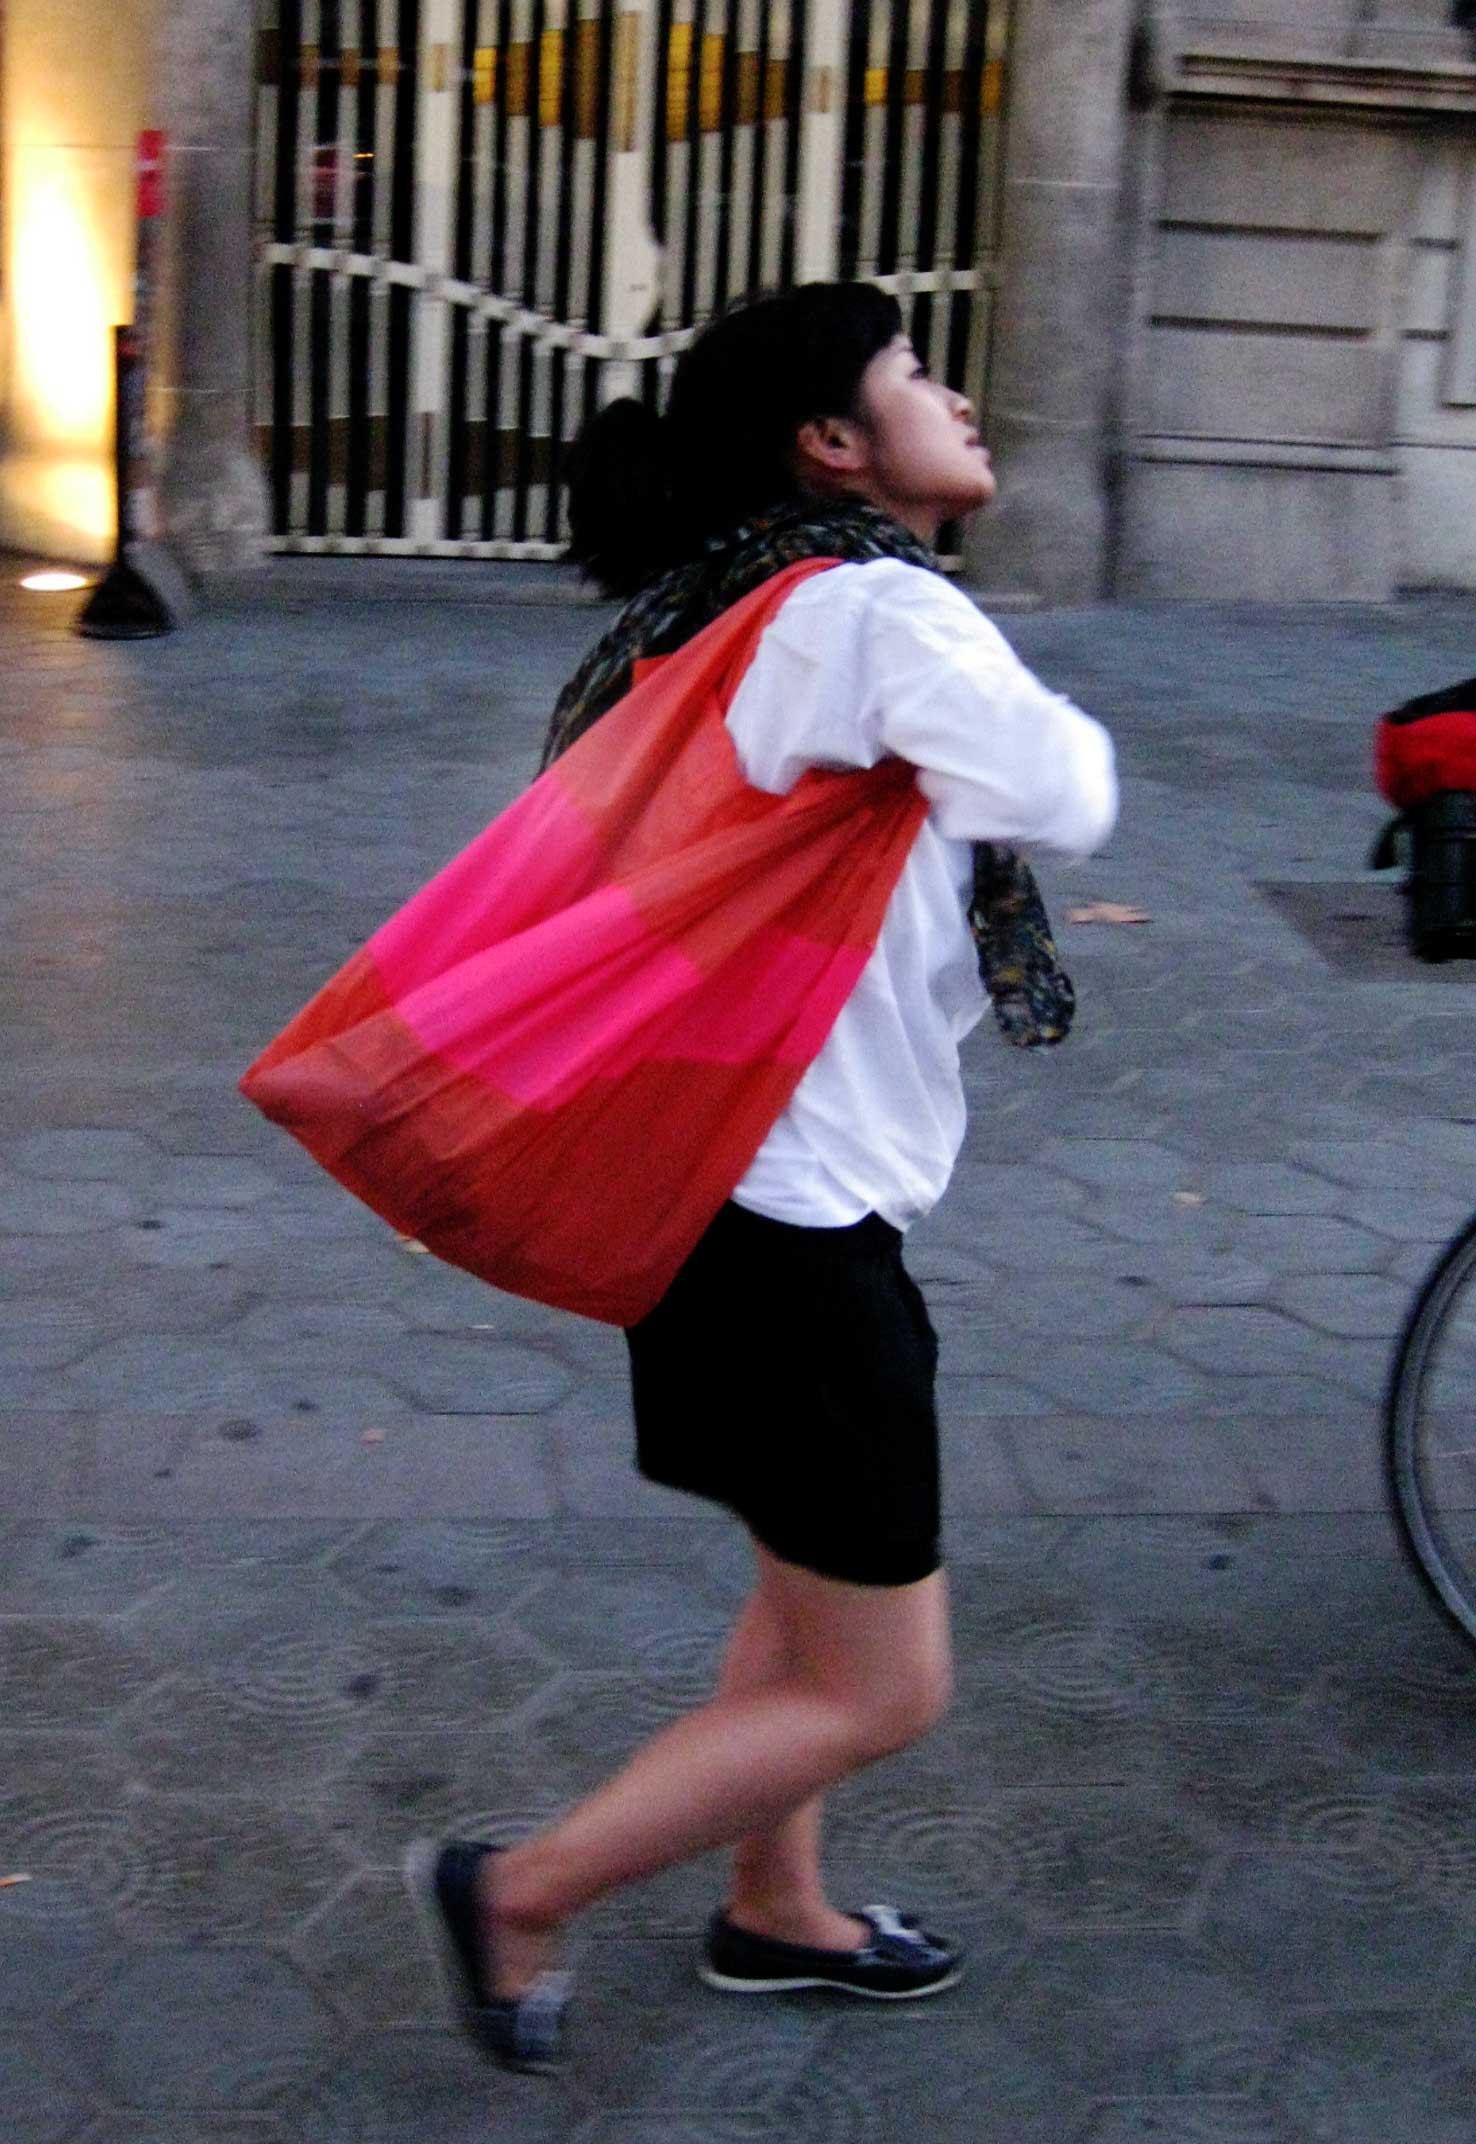 Le sac (Bcn)